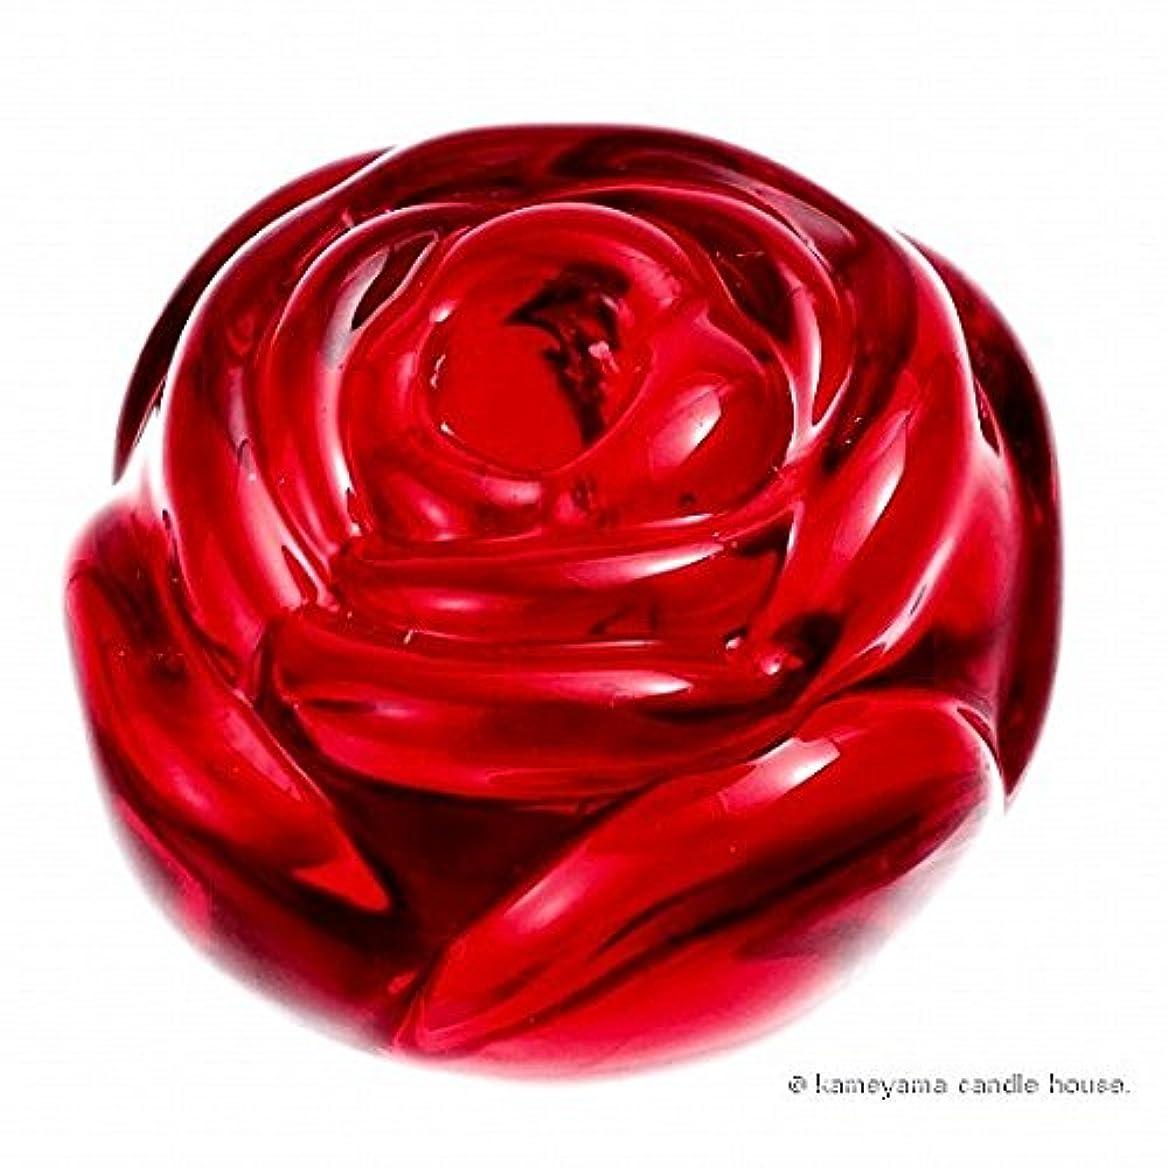 リーフレット断片アレキサンダーグラハムベルkameyama candle(カメヤマキャンドル) ローズパーティーテーパーホルダー 「 レッド 」(J5330000R)